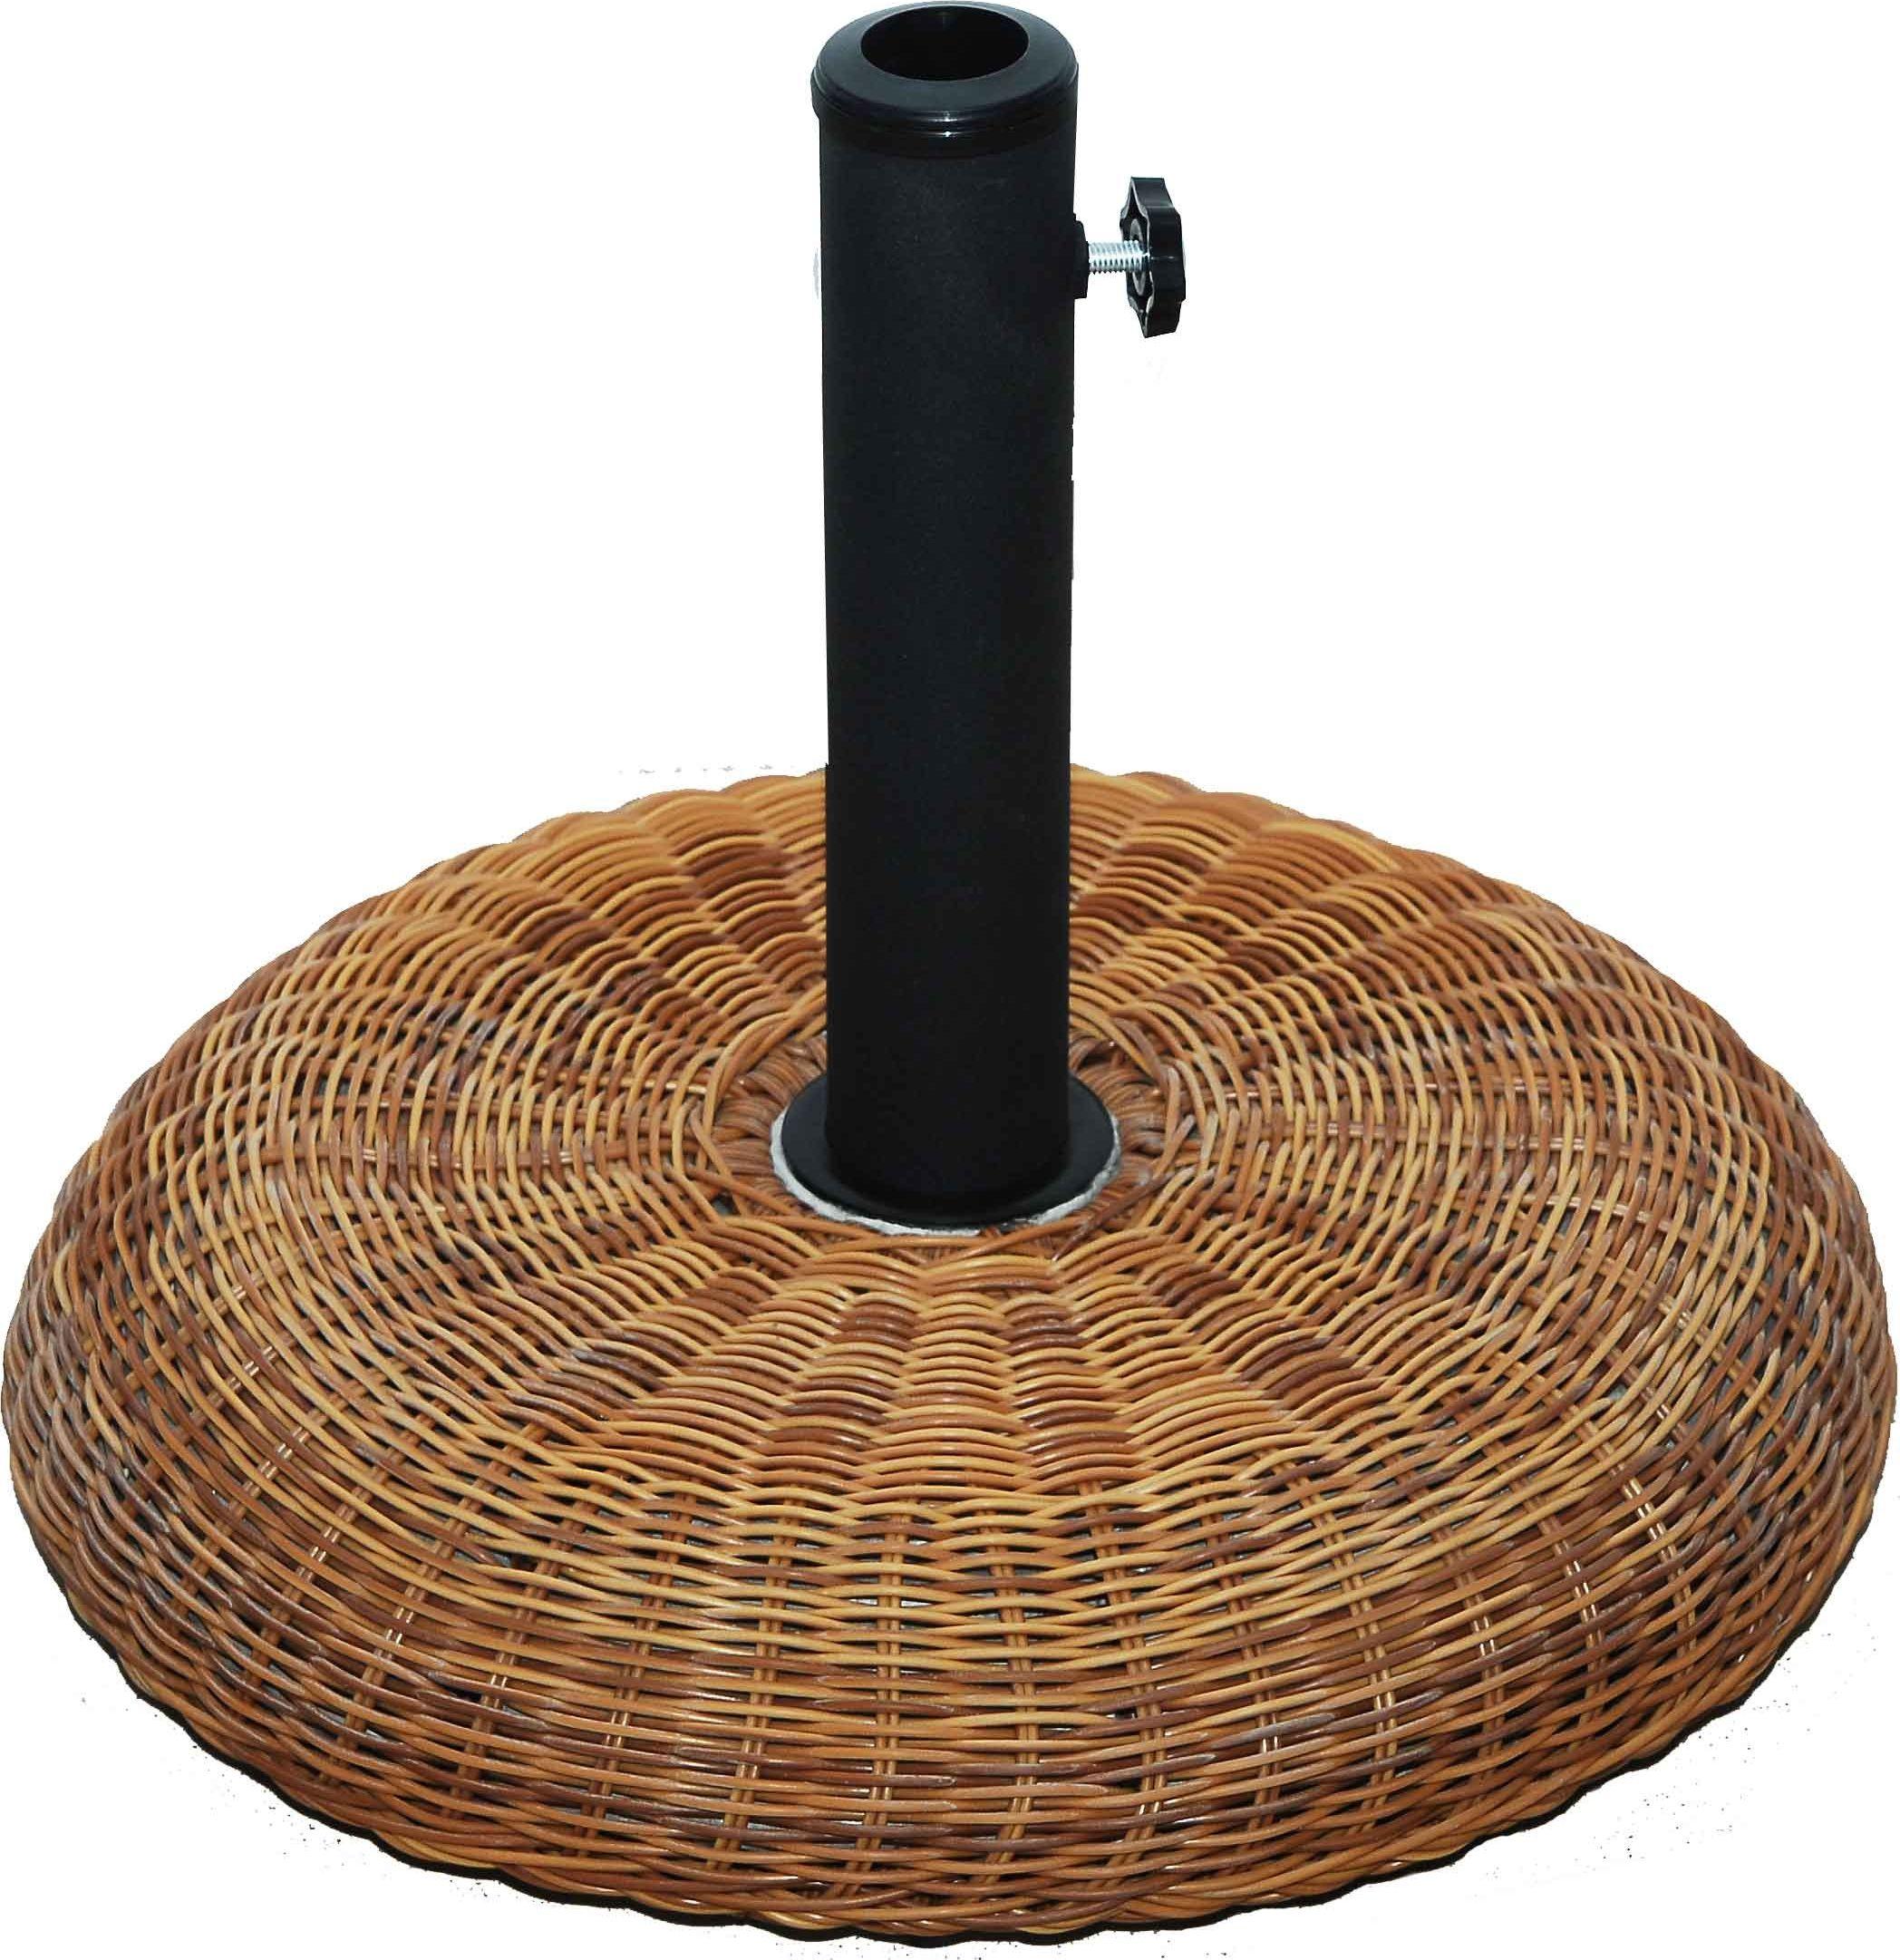 Βάση ομπρέλας στρόγγυλη με όψη μπαμπού